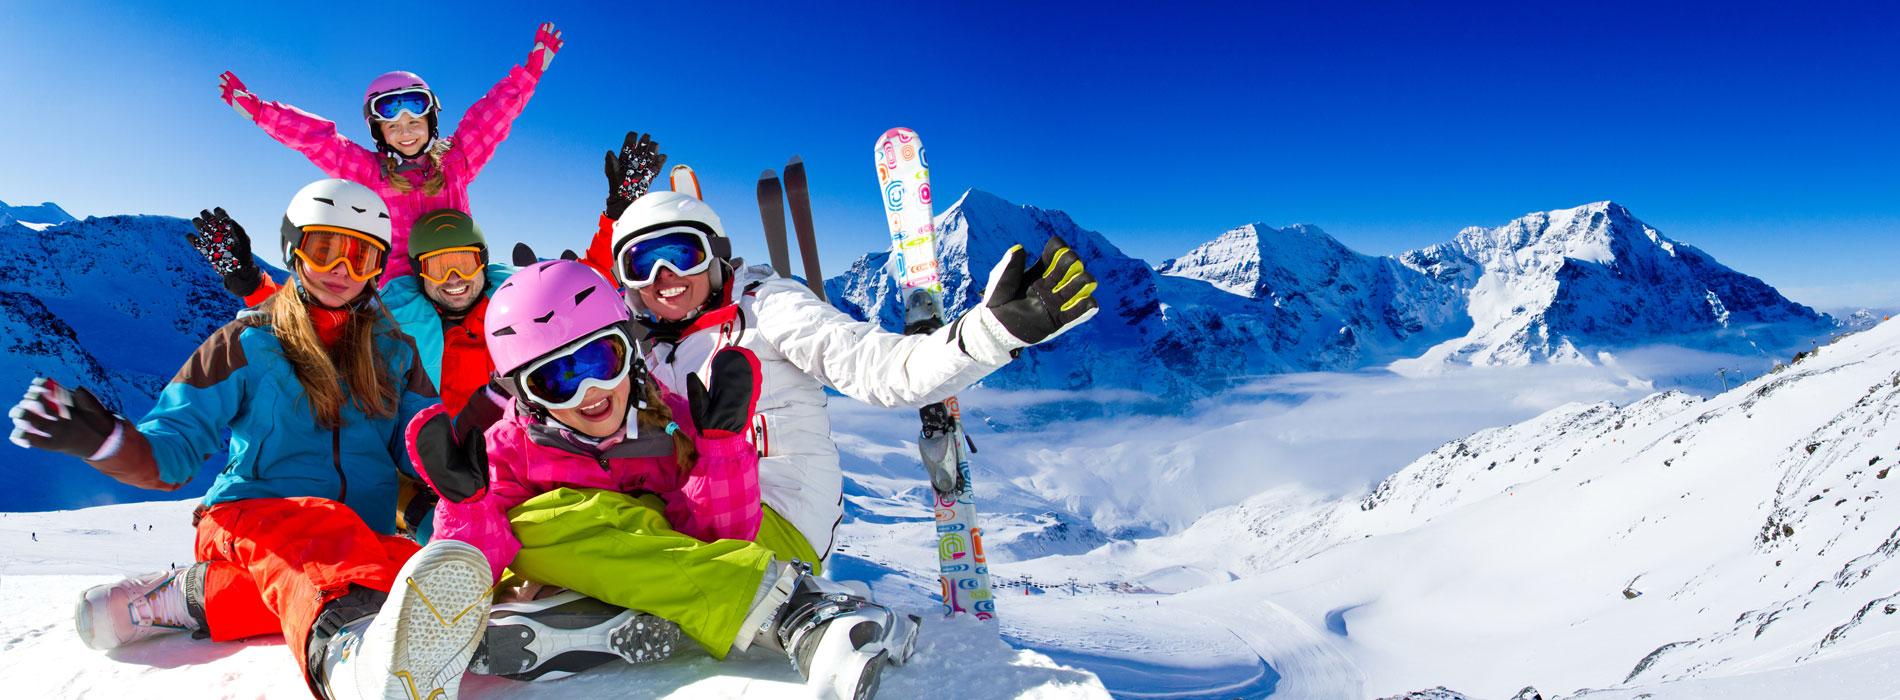 noleggio_sci_snowboard_cortina_d_ampezzo_sci-028